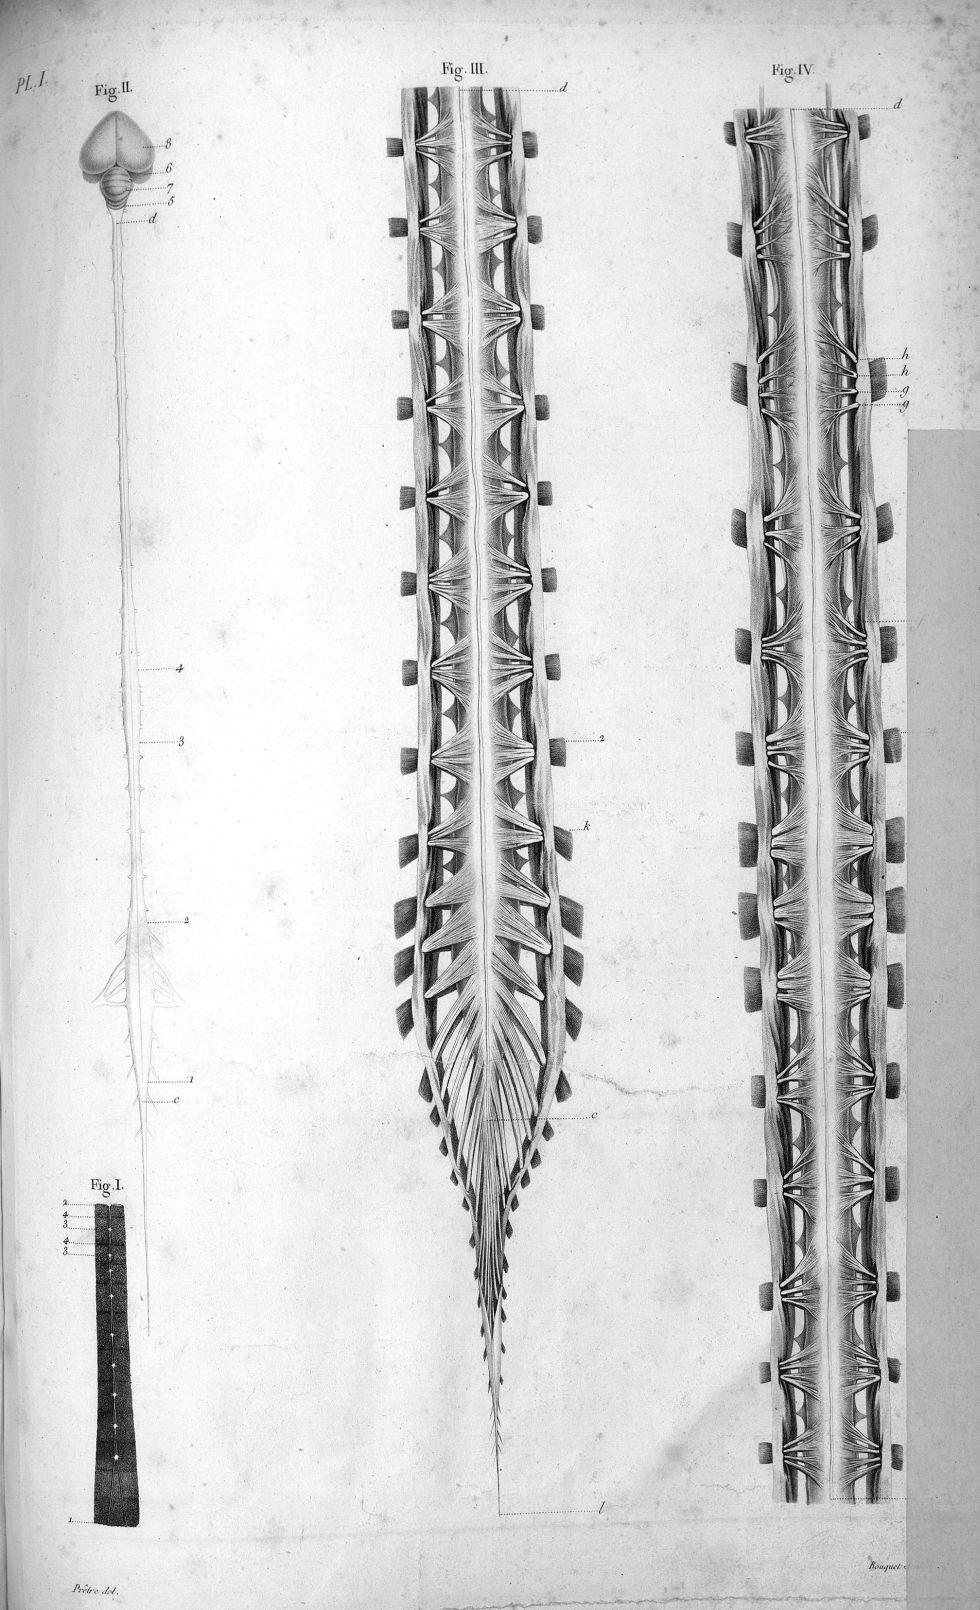 Pl. I. Fig. 1. Système nerveux d'une chenille / Fig. 2. Cerveau, cervelet et système nerveux de la c [...] - Anatomie. Neurologie. Moelle épinière. Animal, animaux. 19e siècle (France) - med00575x01x0305